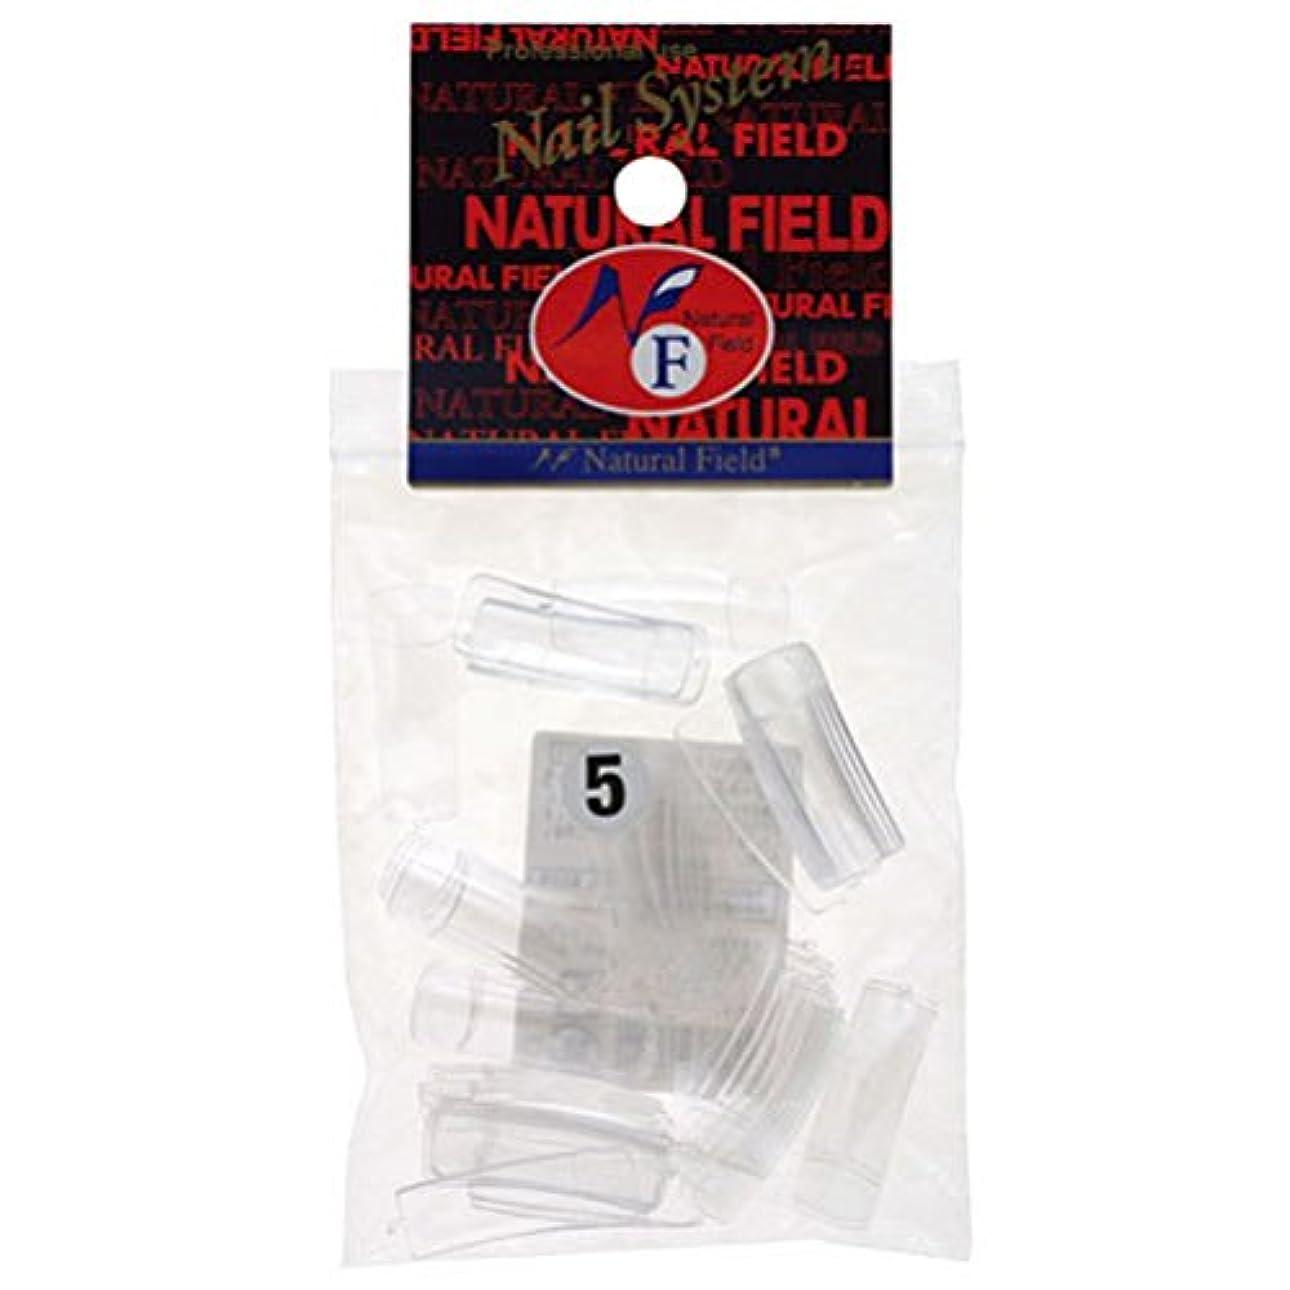 アルファベット順冒険気付くNatural Field ネイルチップ クリアスクエア(フル)No. 5 50P レフィル